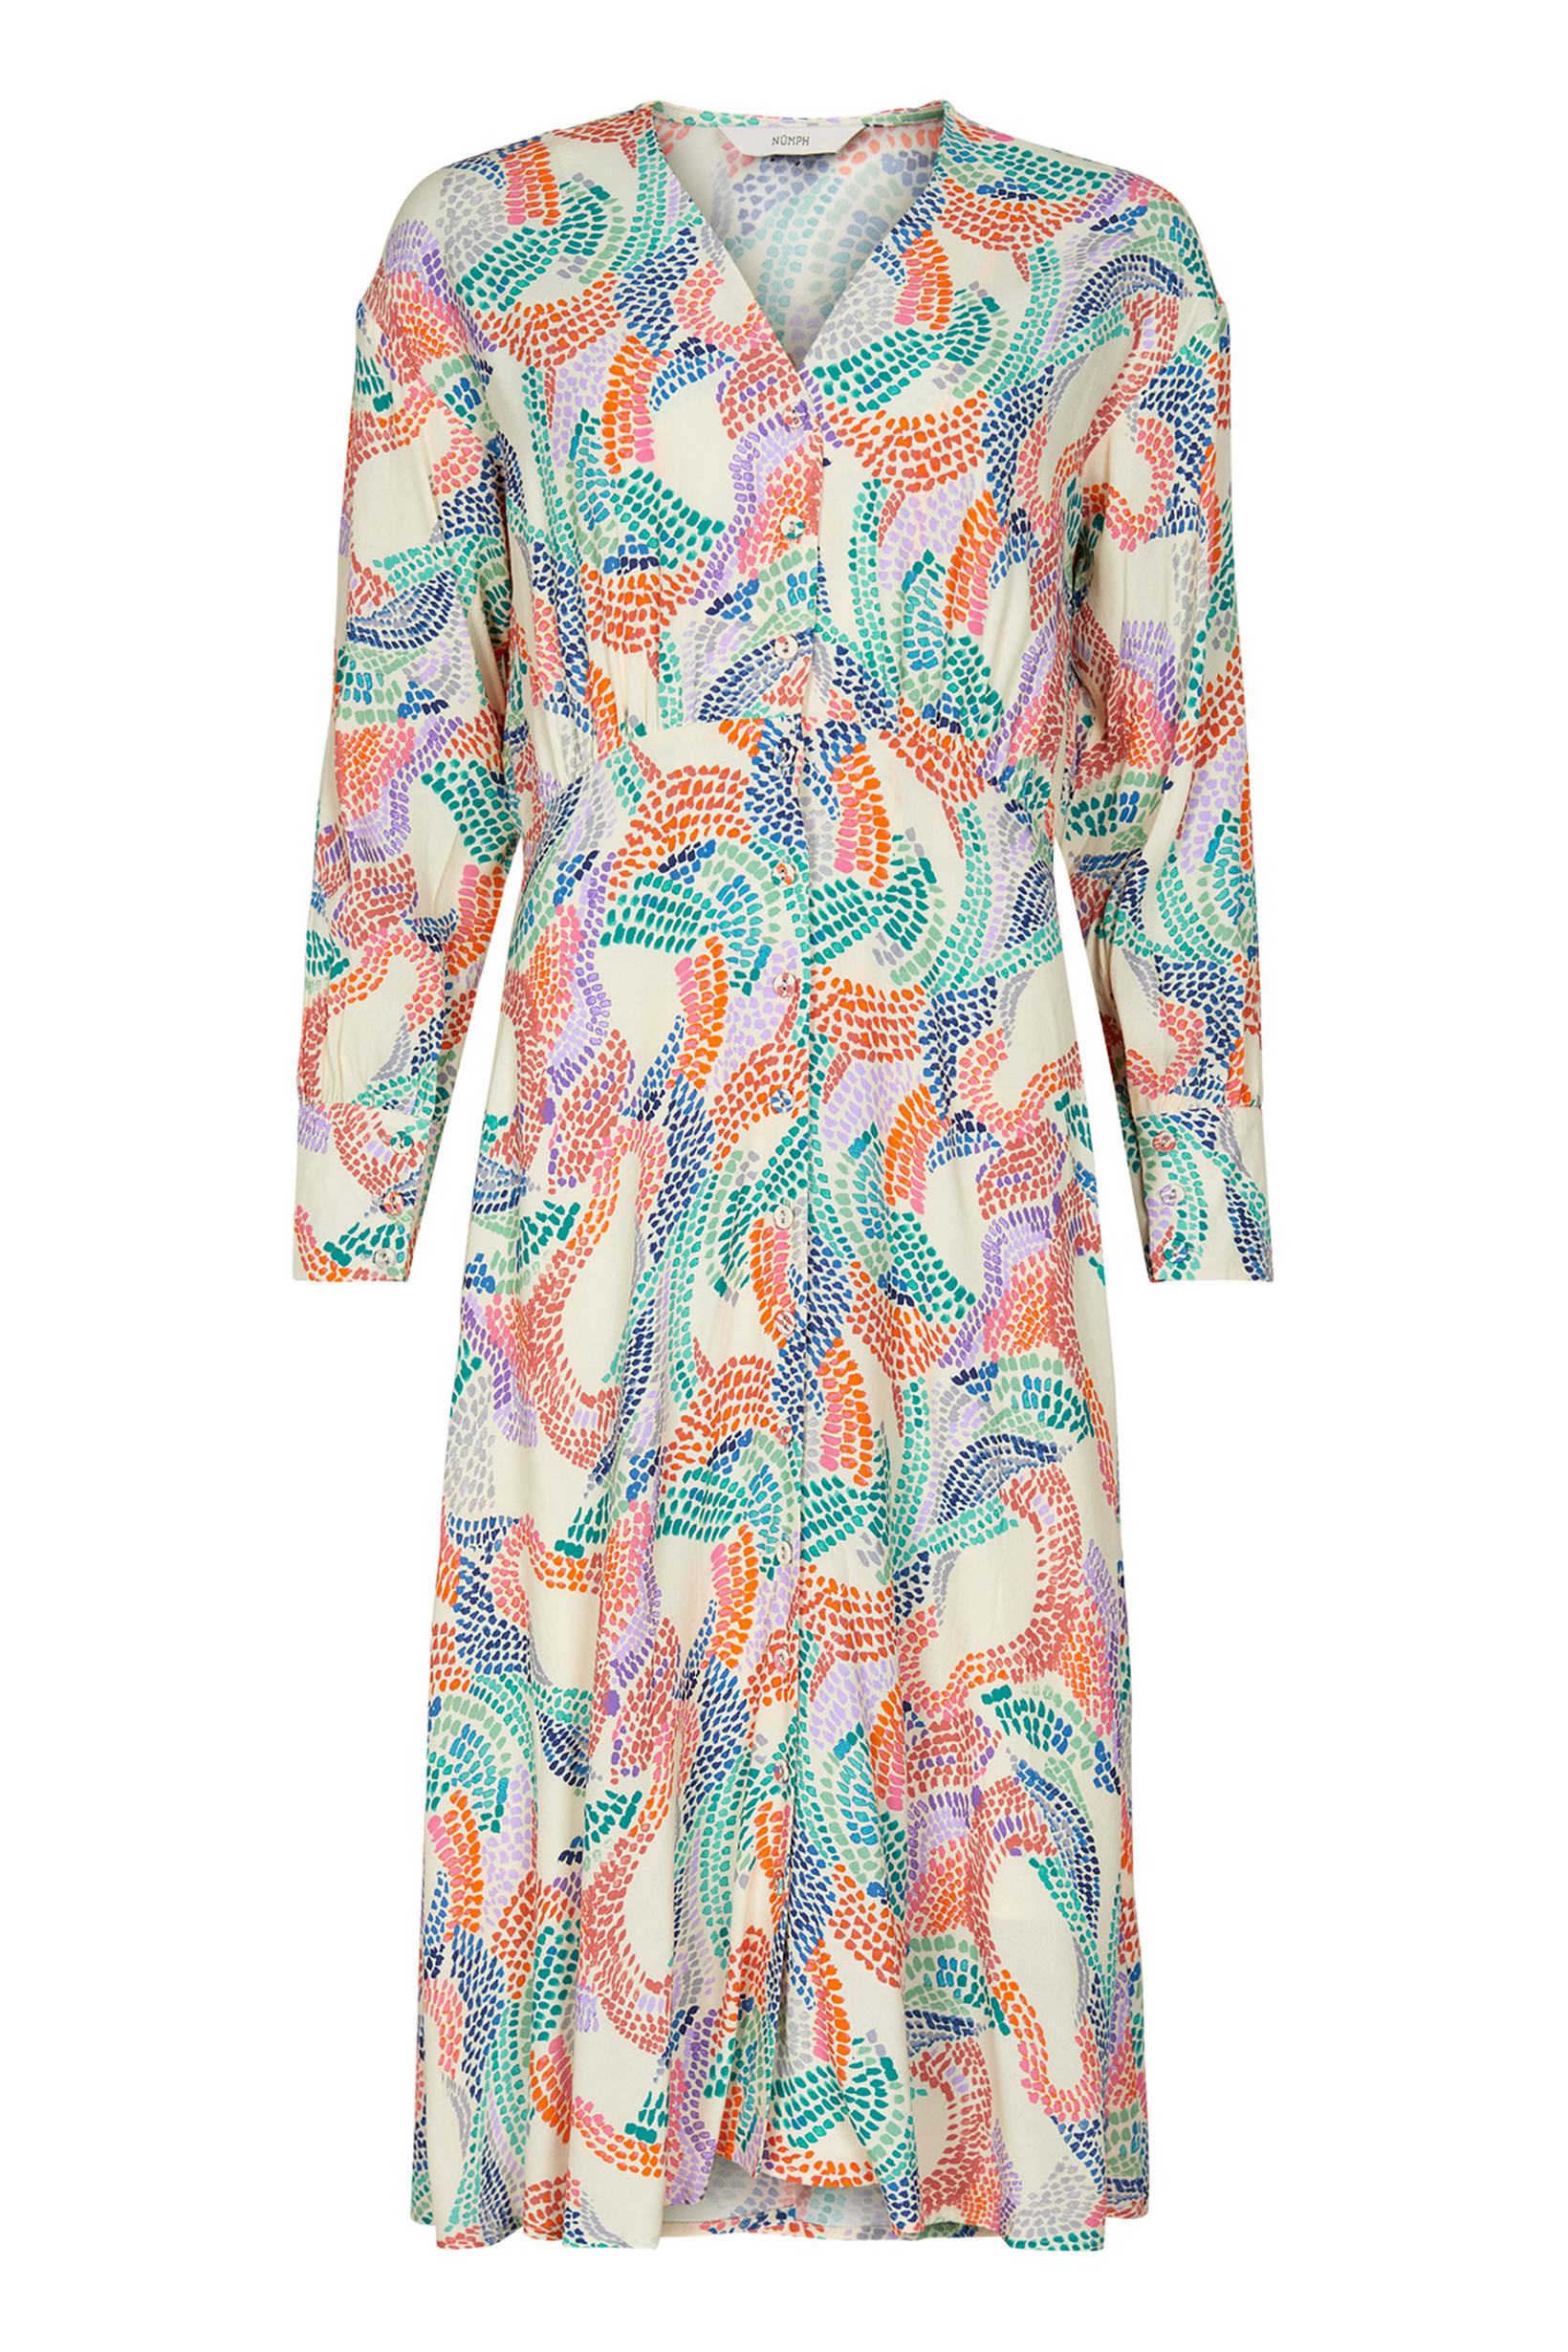 NÜMPH Nuaibhilin kjoler » Køb den her